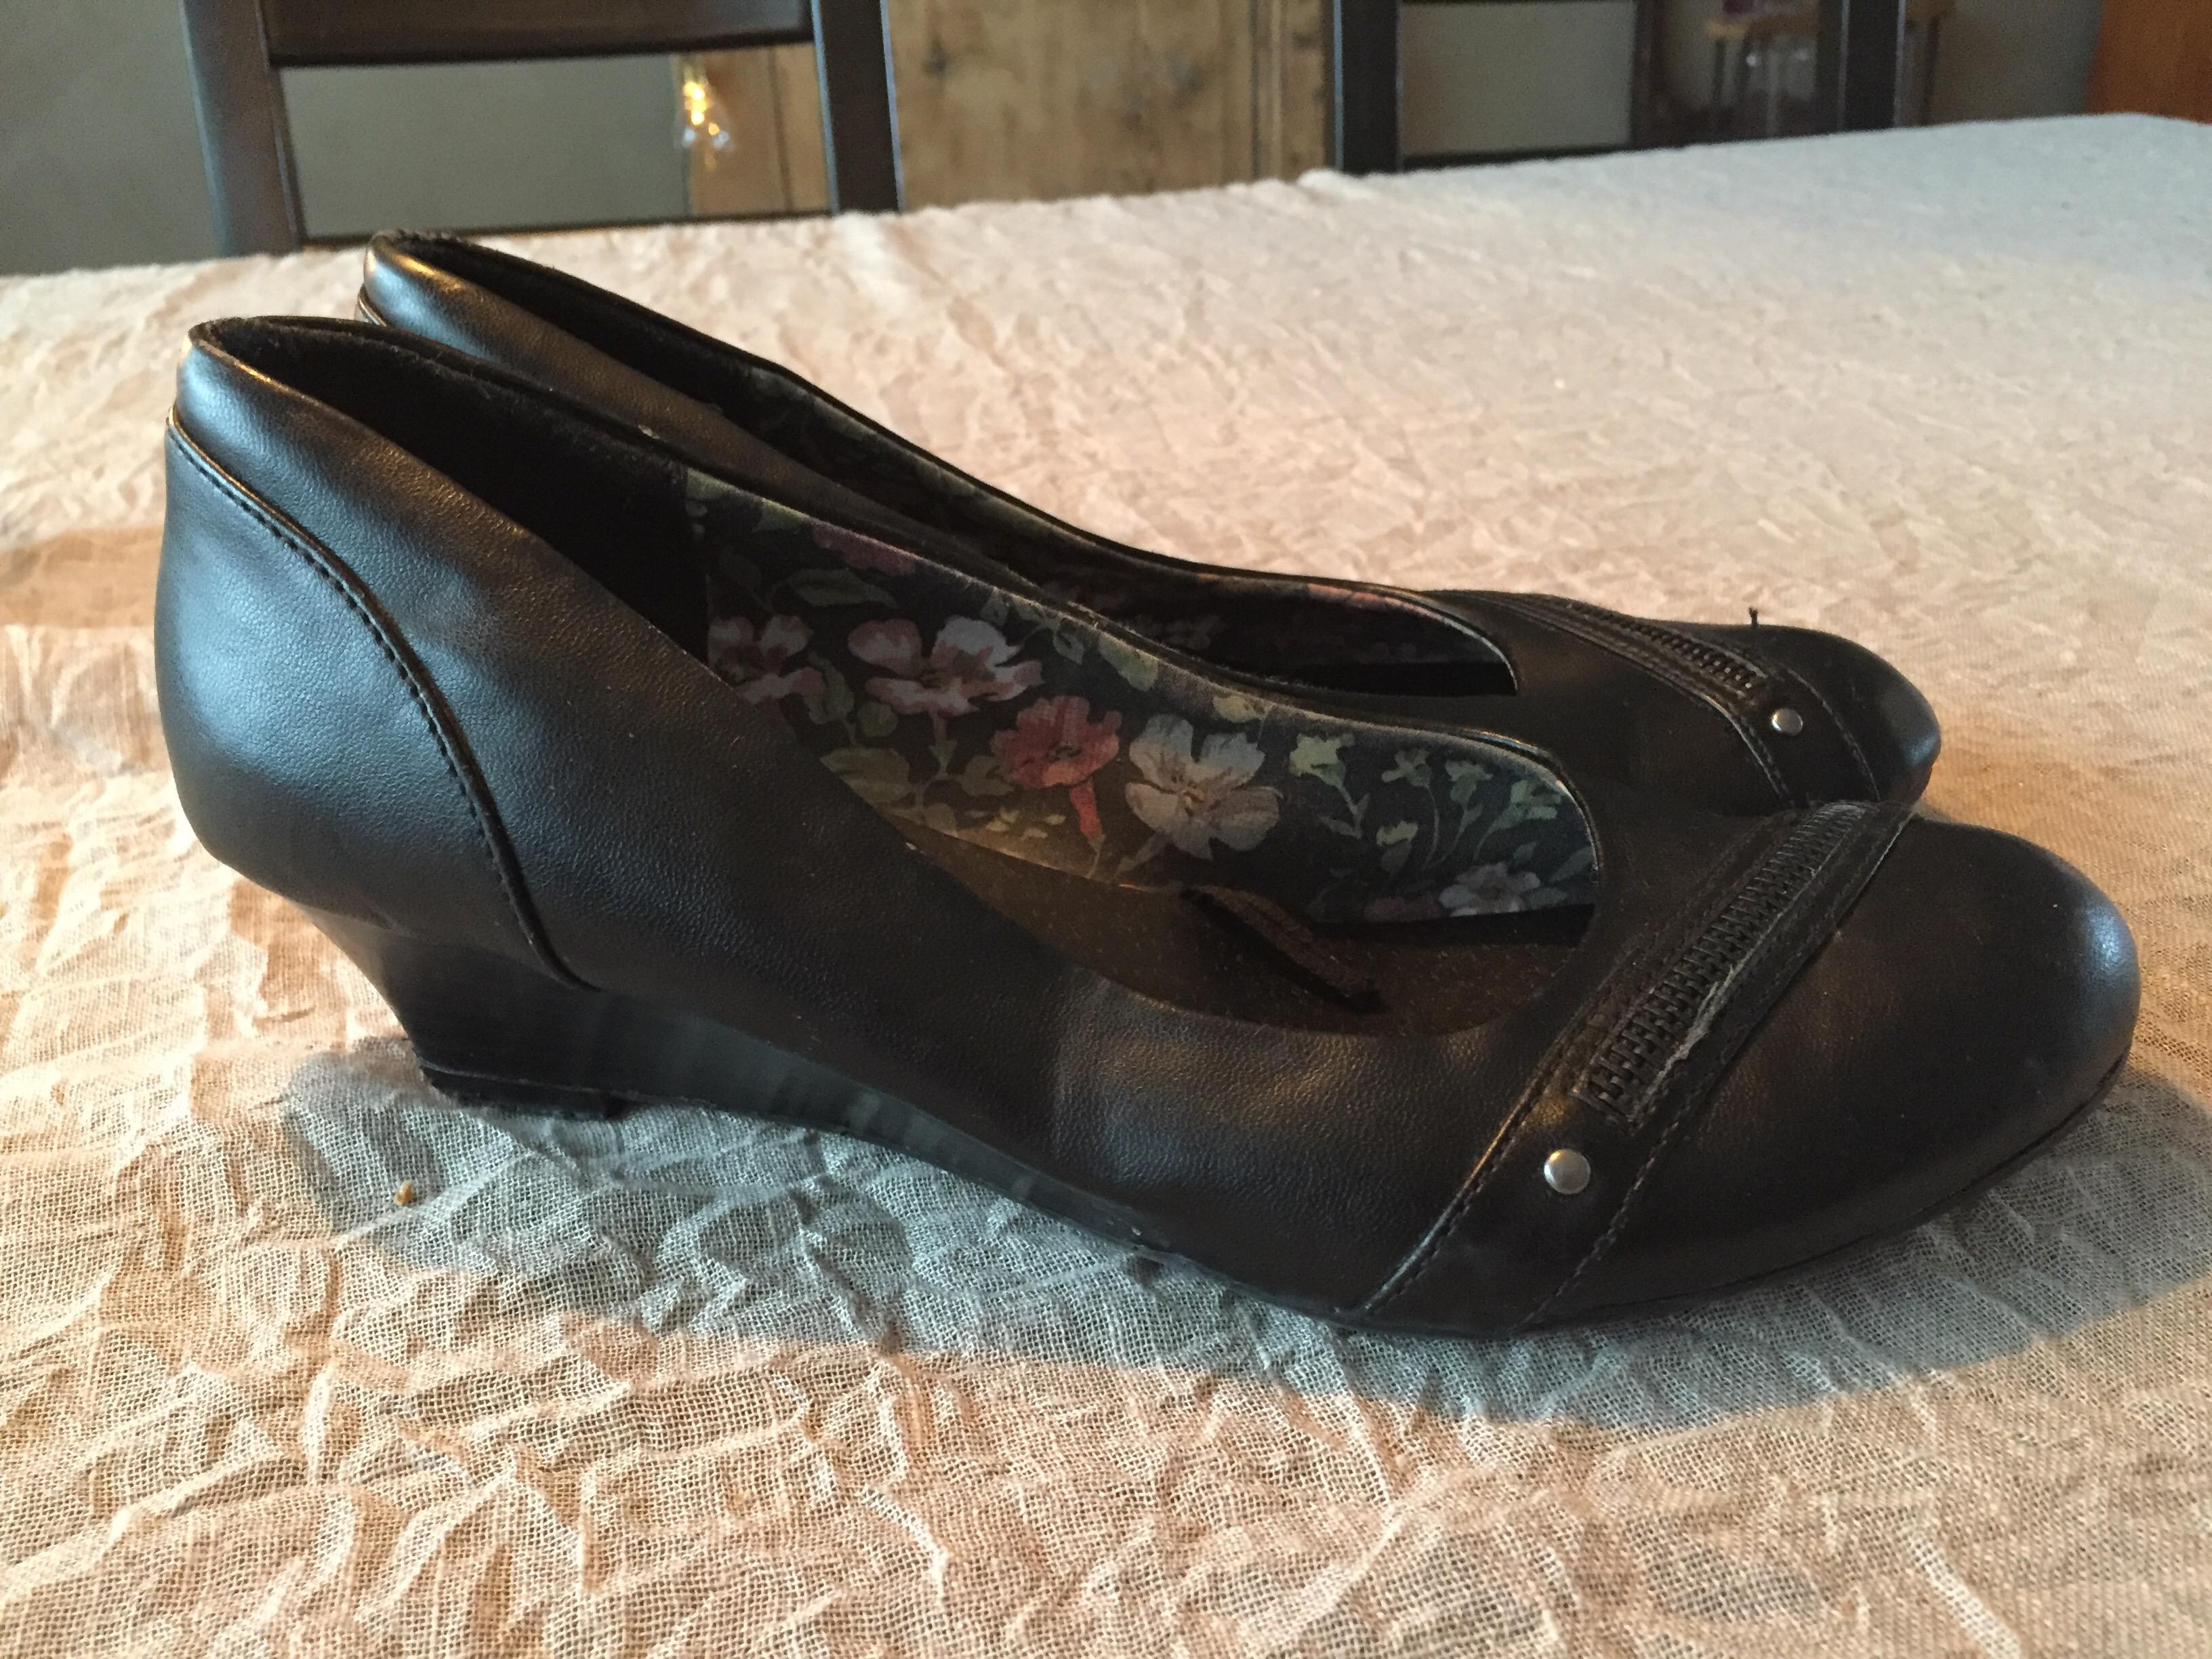 d57cd242 Objekt 4: Svarta skor med kilklack. Stl 39. Bred modell. Obetydligt använda.